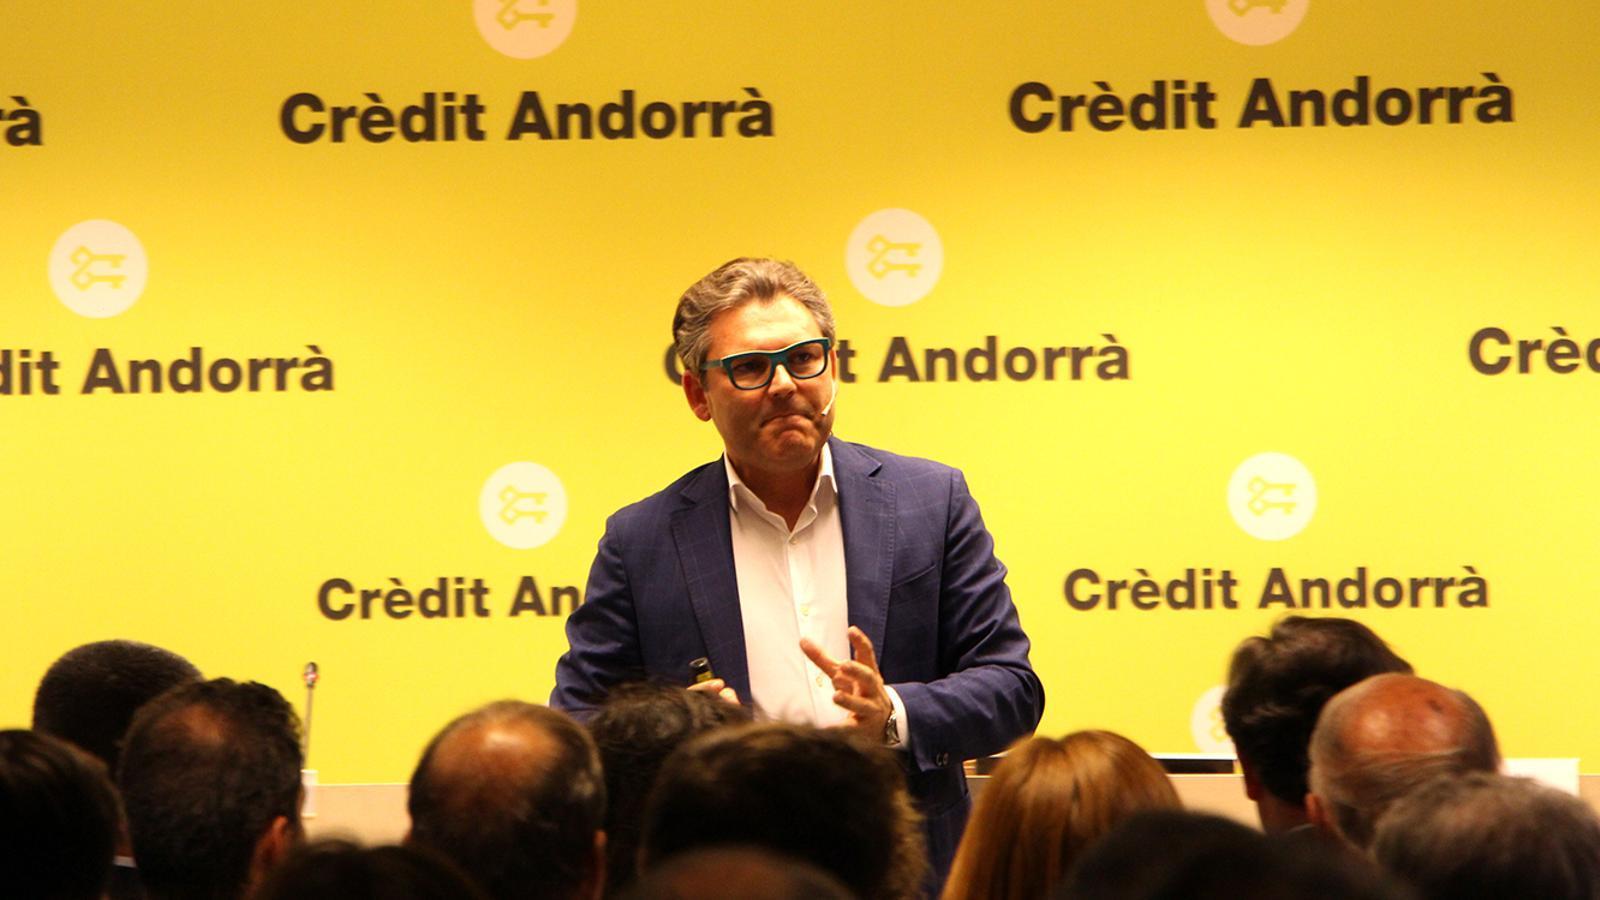 El divulgador econòmic i consultor en transformació i estratègia digital, Marc Vidal, durant la xerrada. / M. F. (ANA)